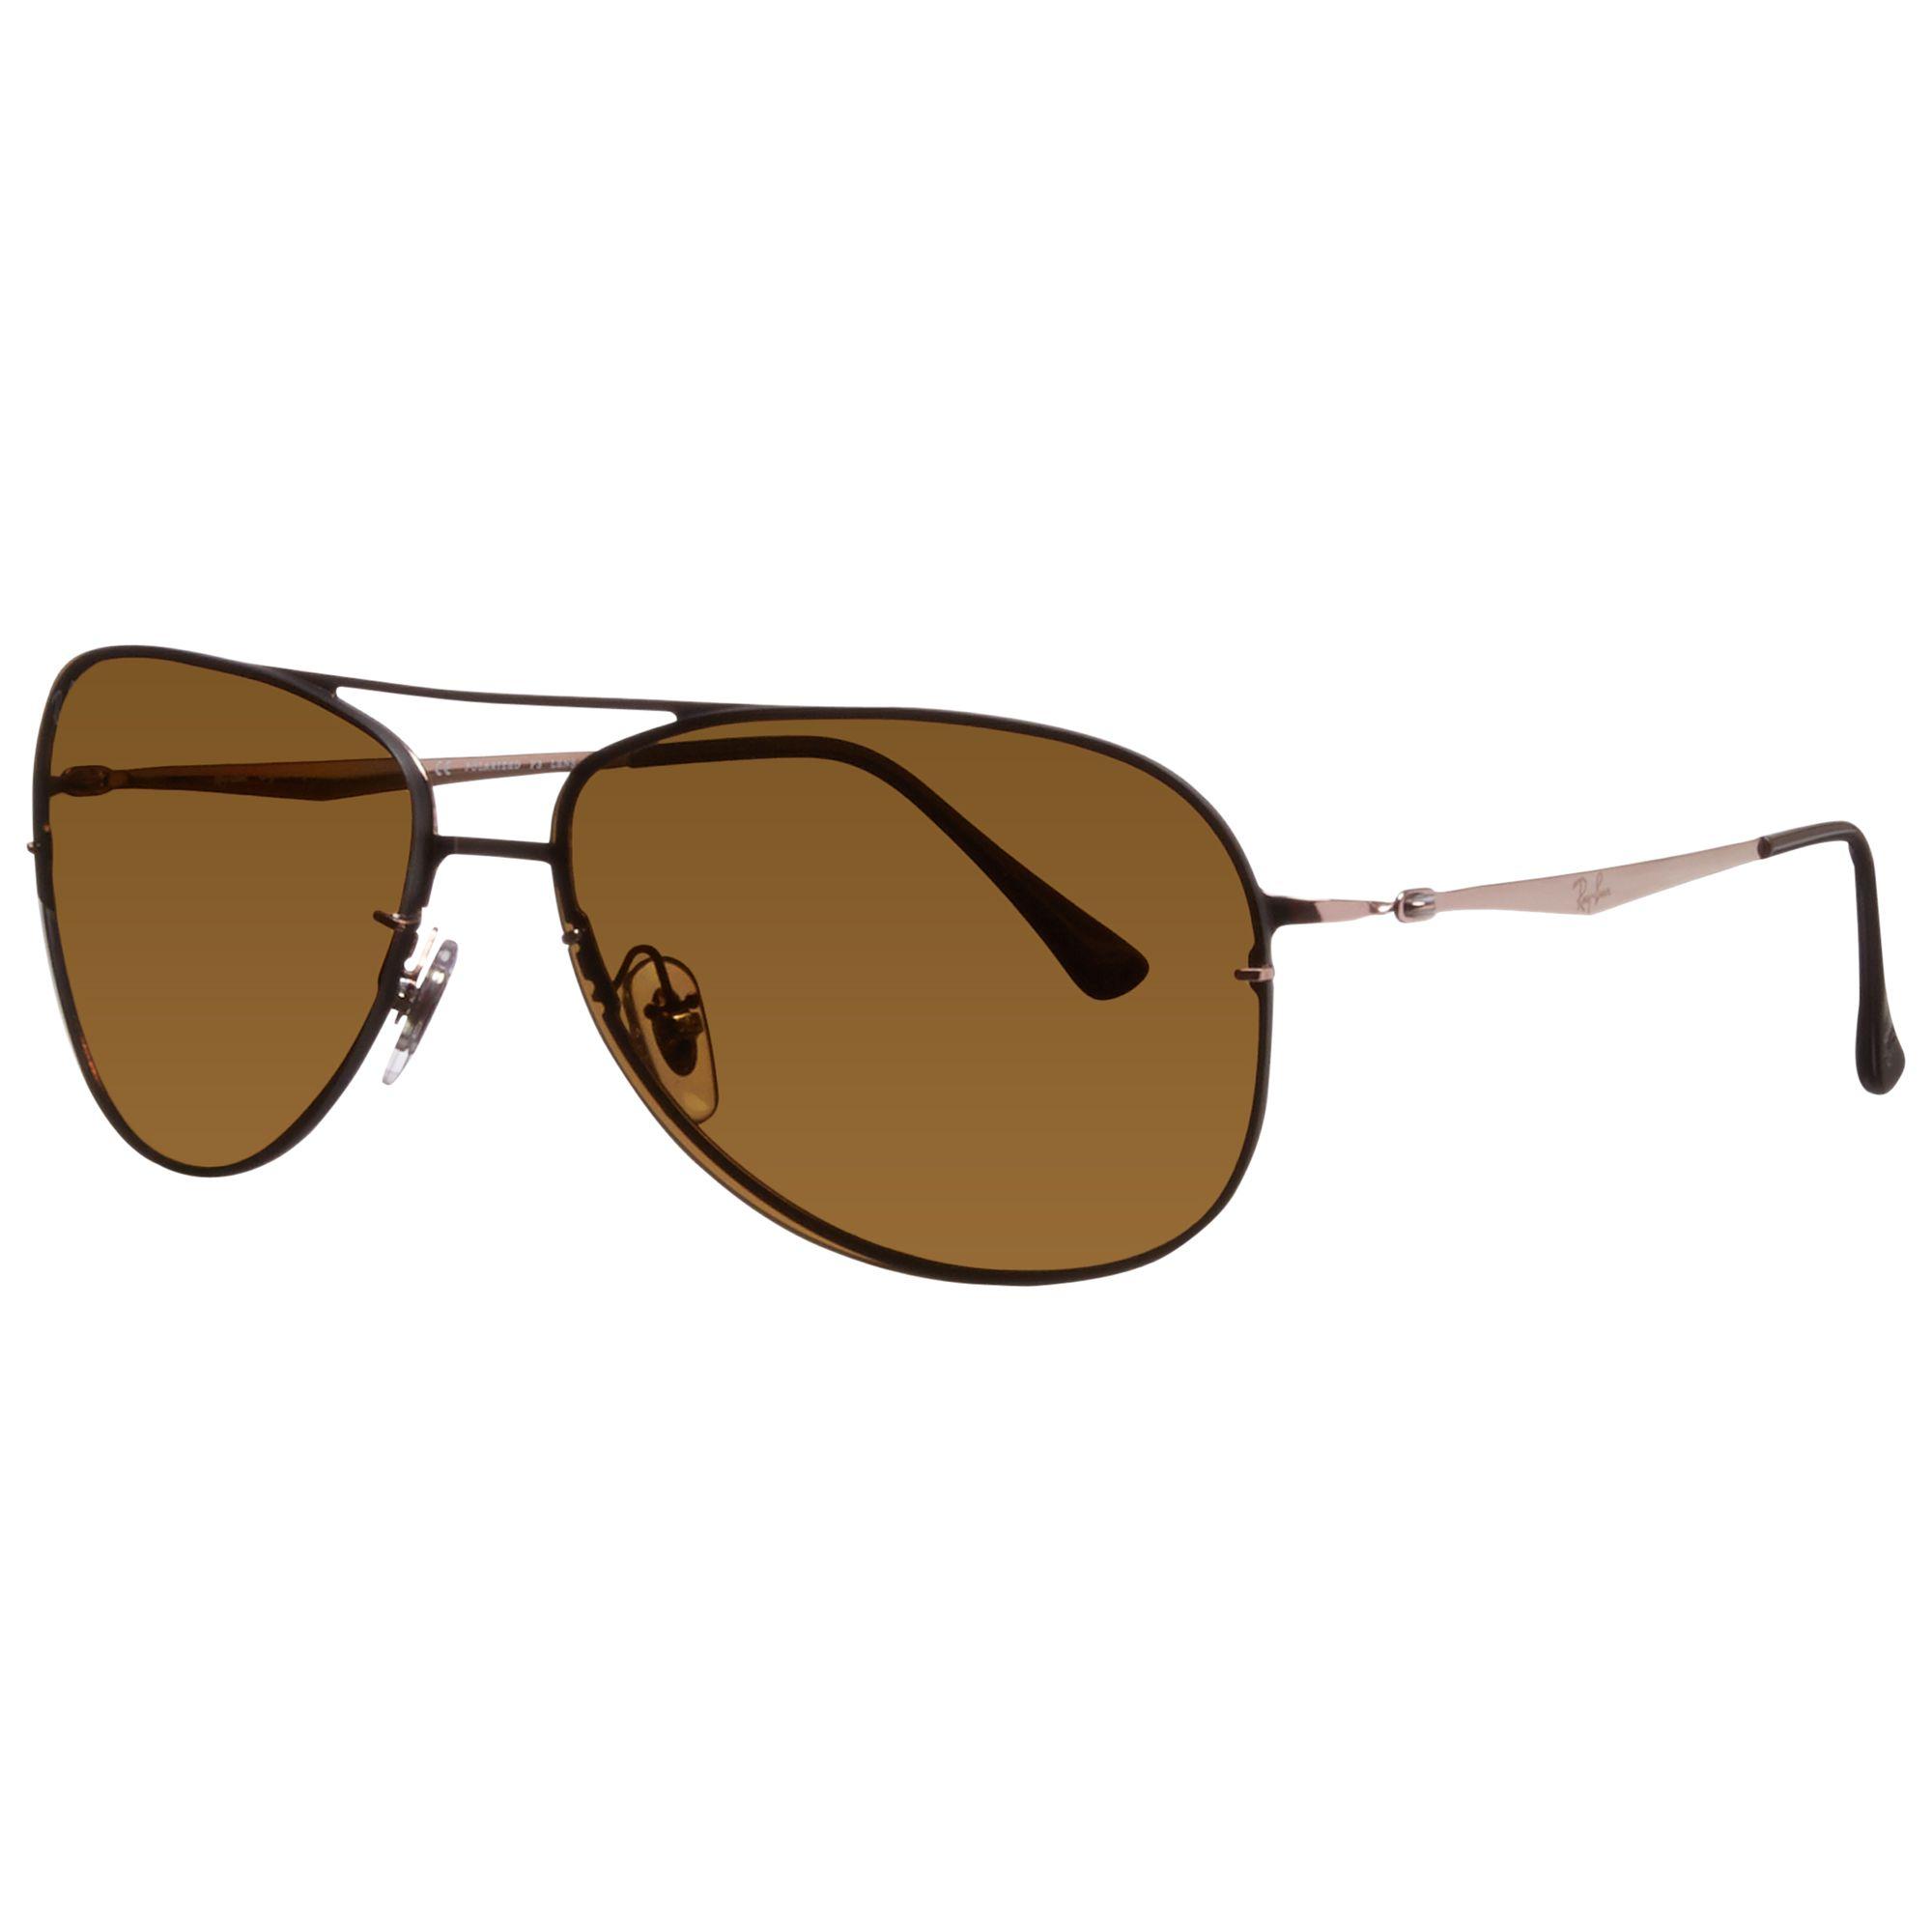 Titanium Eyeglass Repair Near Me Cinemas 93